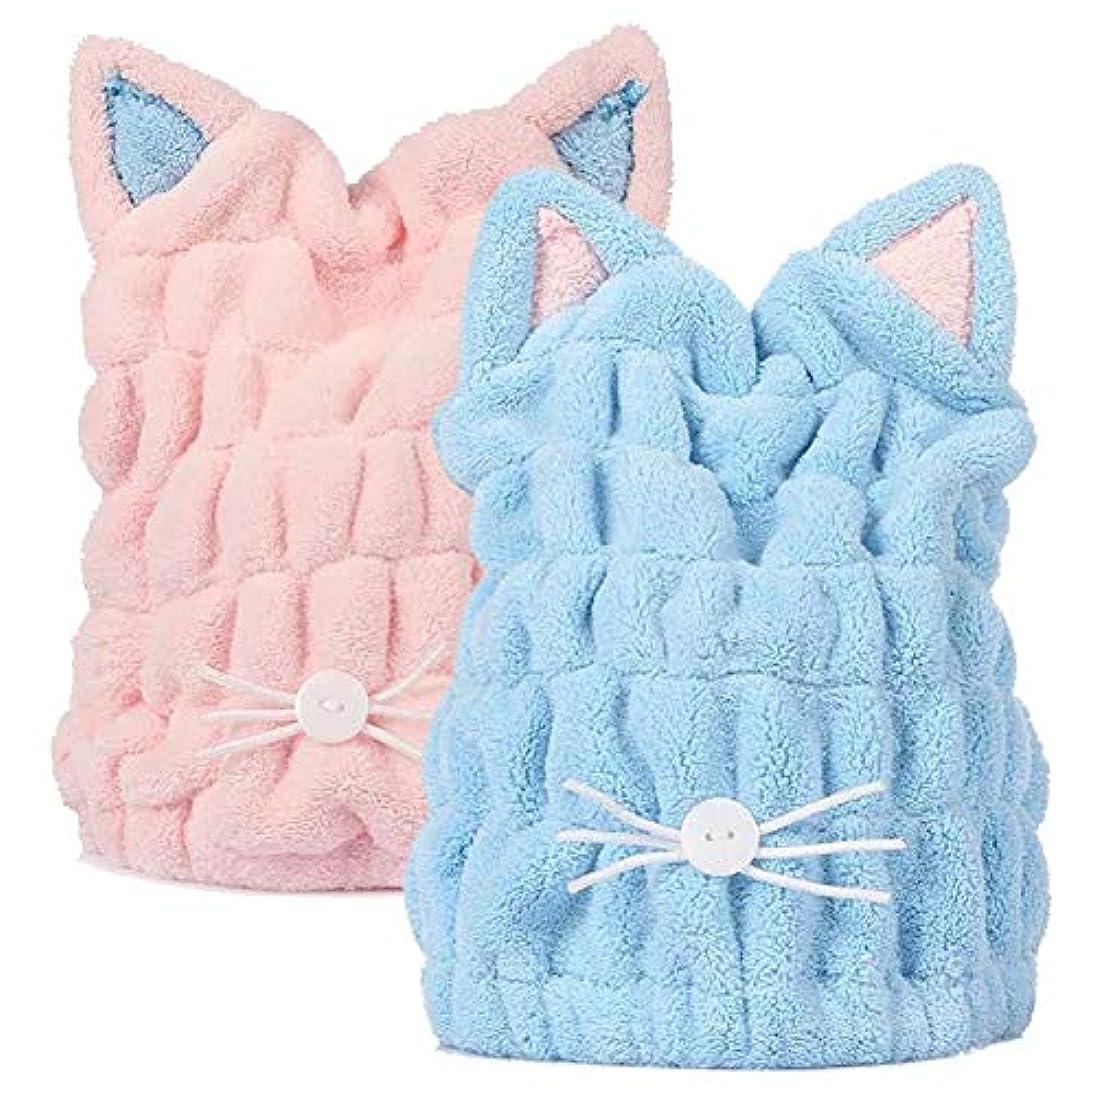 スキルモーションキャリッジJIEMEIRUI ヘアドライタオル 大人も子供も使える シャワーキャップ タオルキャップ 風邪を防ぐ 吸水 速乾 髪 ふわもこ ドライキャップ ヘアターバン 強い吸水性 お風呂上がり バス用品 (猫ちゃんー2枚セット)